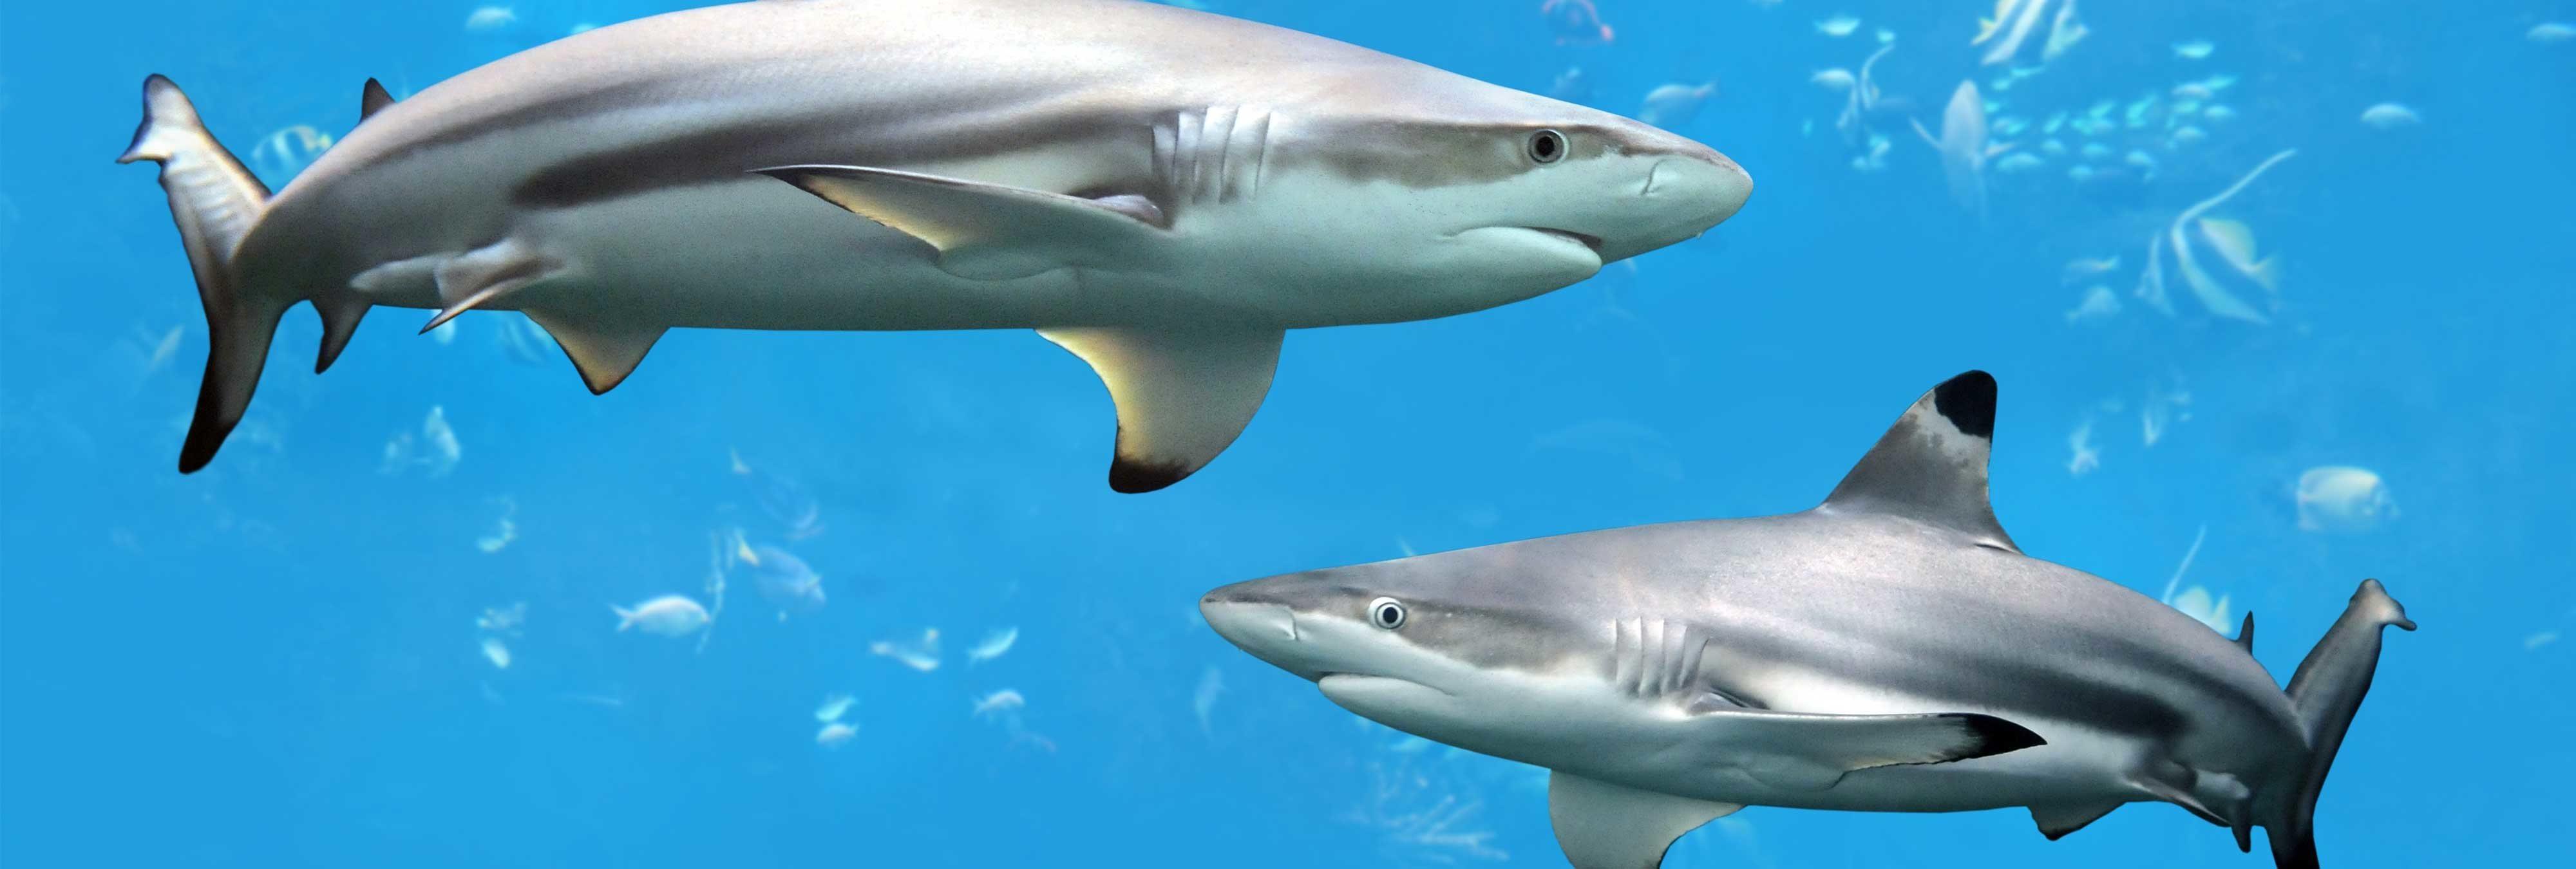 Dos pescadores cortan la cola a un tiburón para que muera lentamente y divertirse en redes sociales